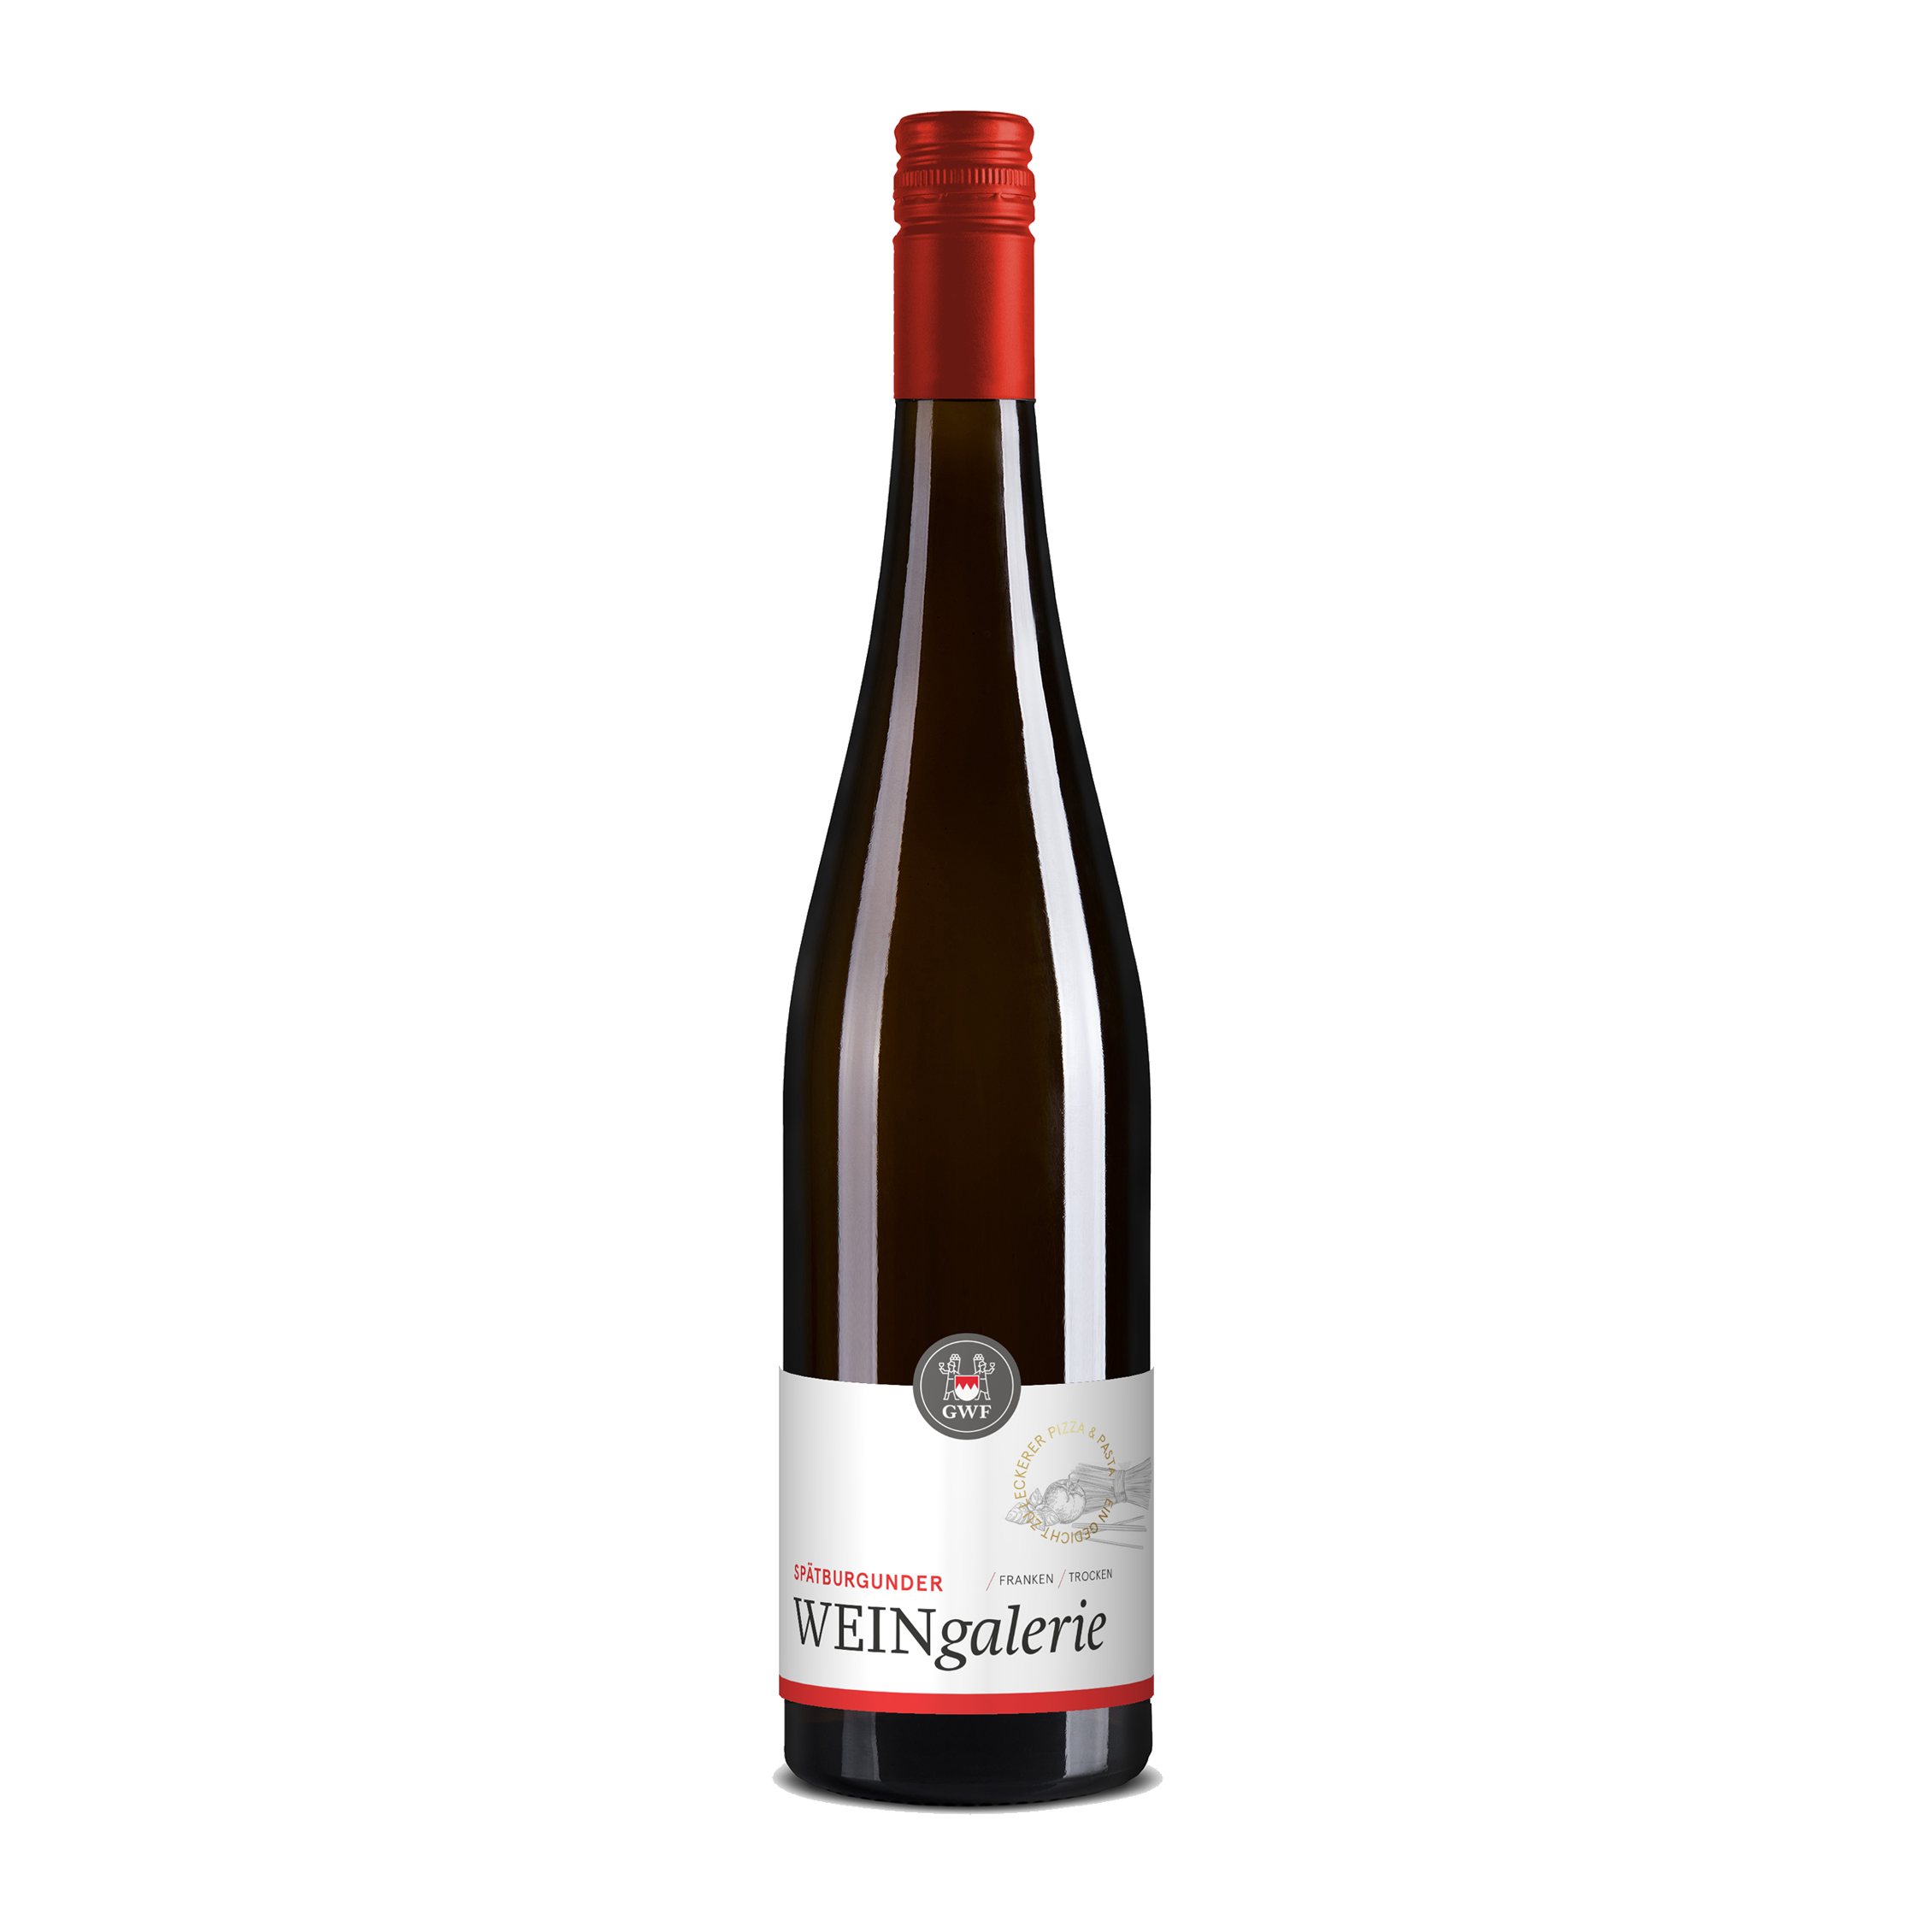 WeinGalerie